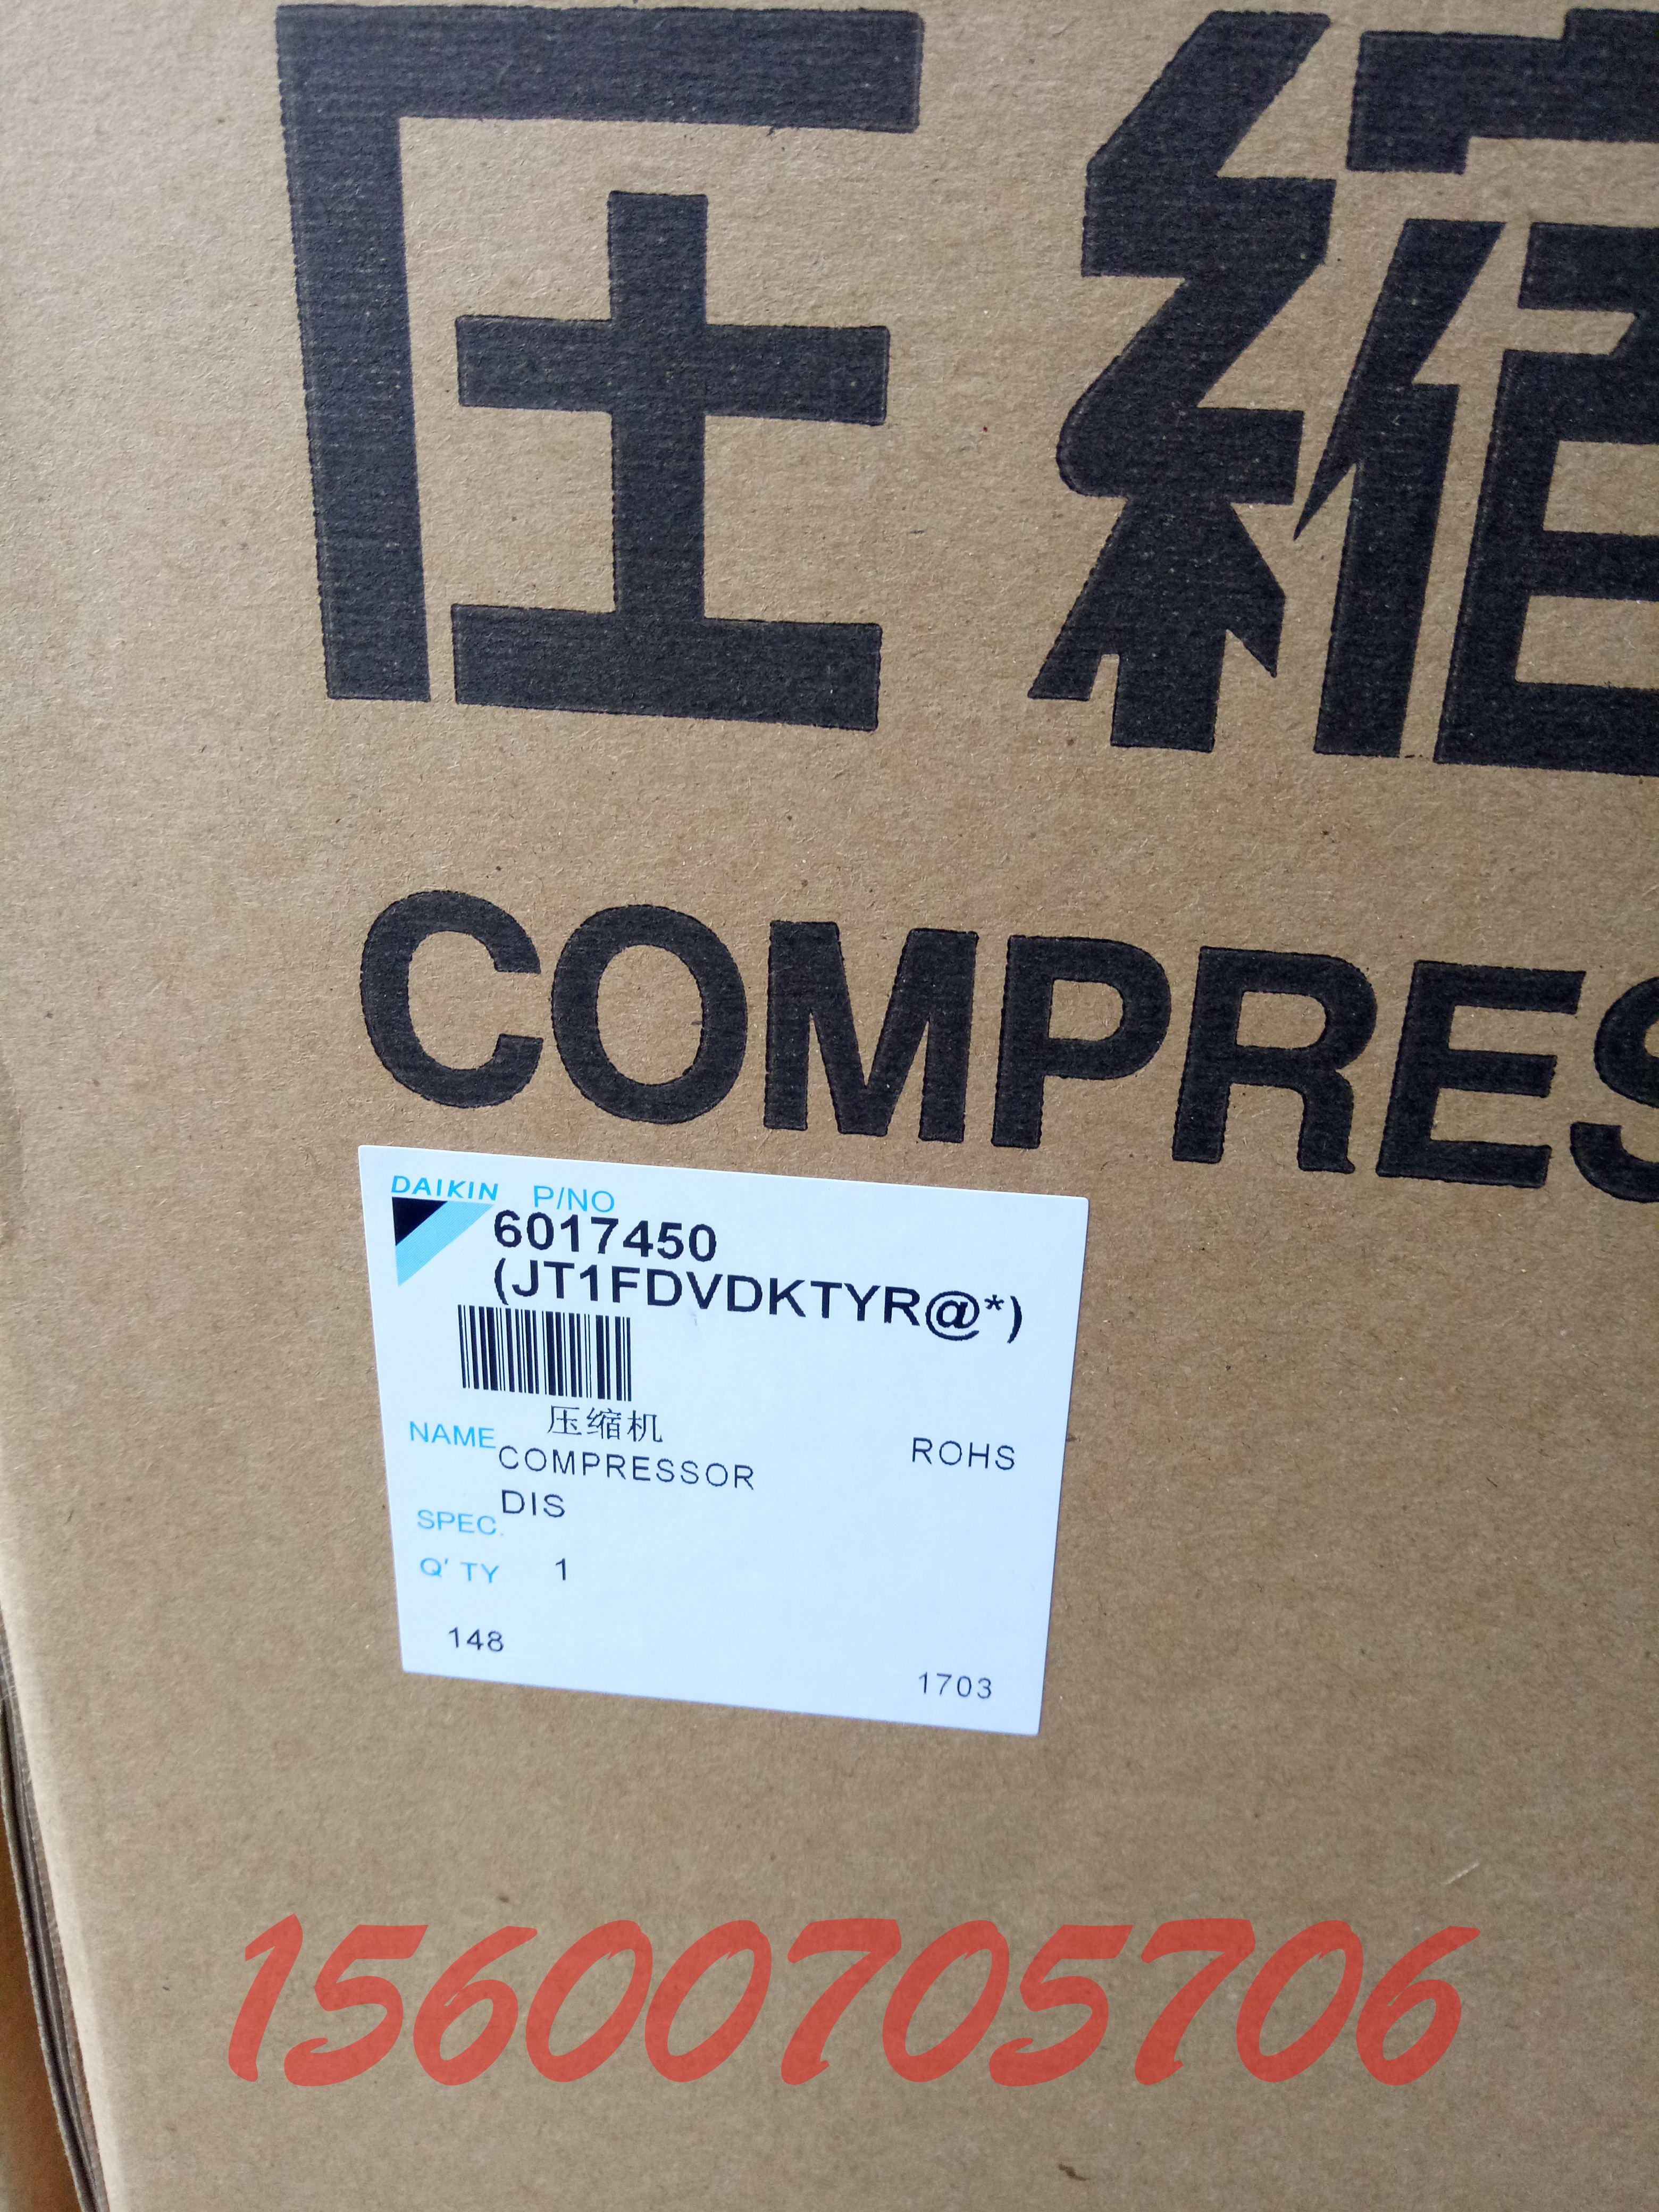 ez valódi 变频 eredeti JT1FDVDKTYR@* új kompresszor a légkondicionáló kompresszora az eredeti gyári csomagolás